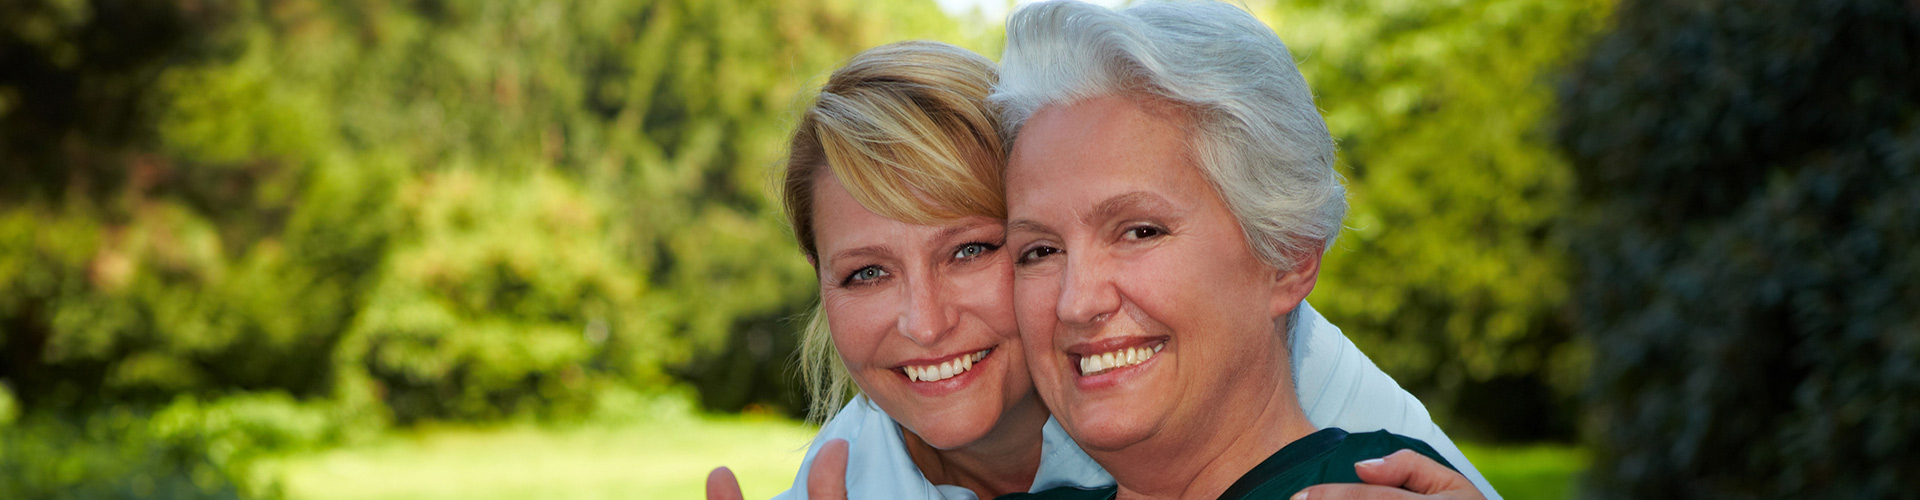 senior-care-client